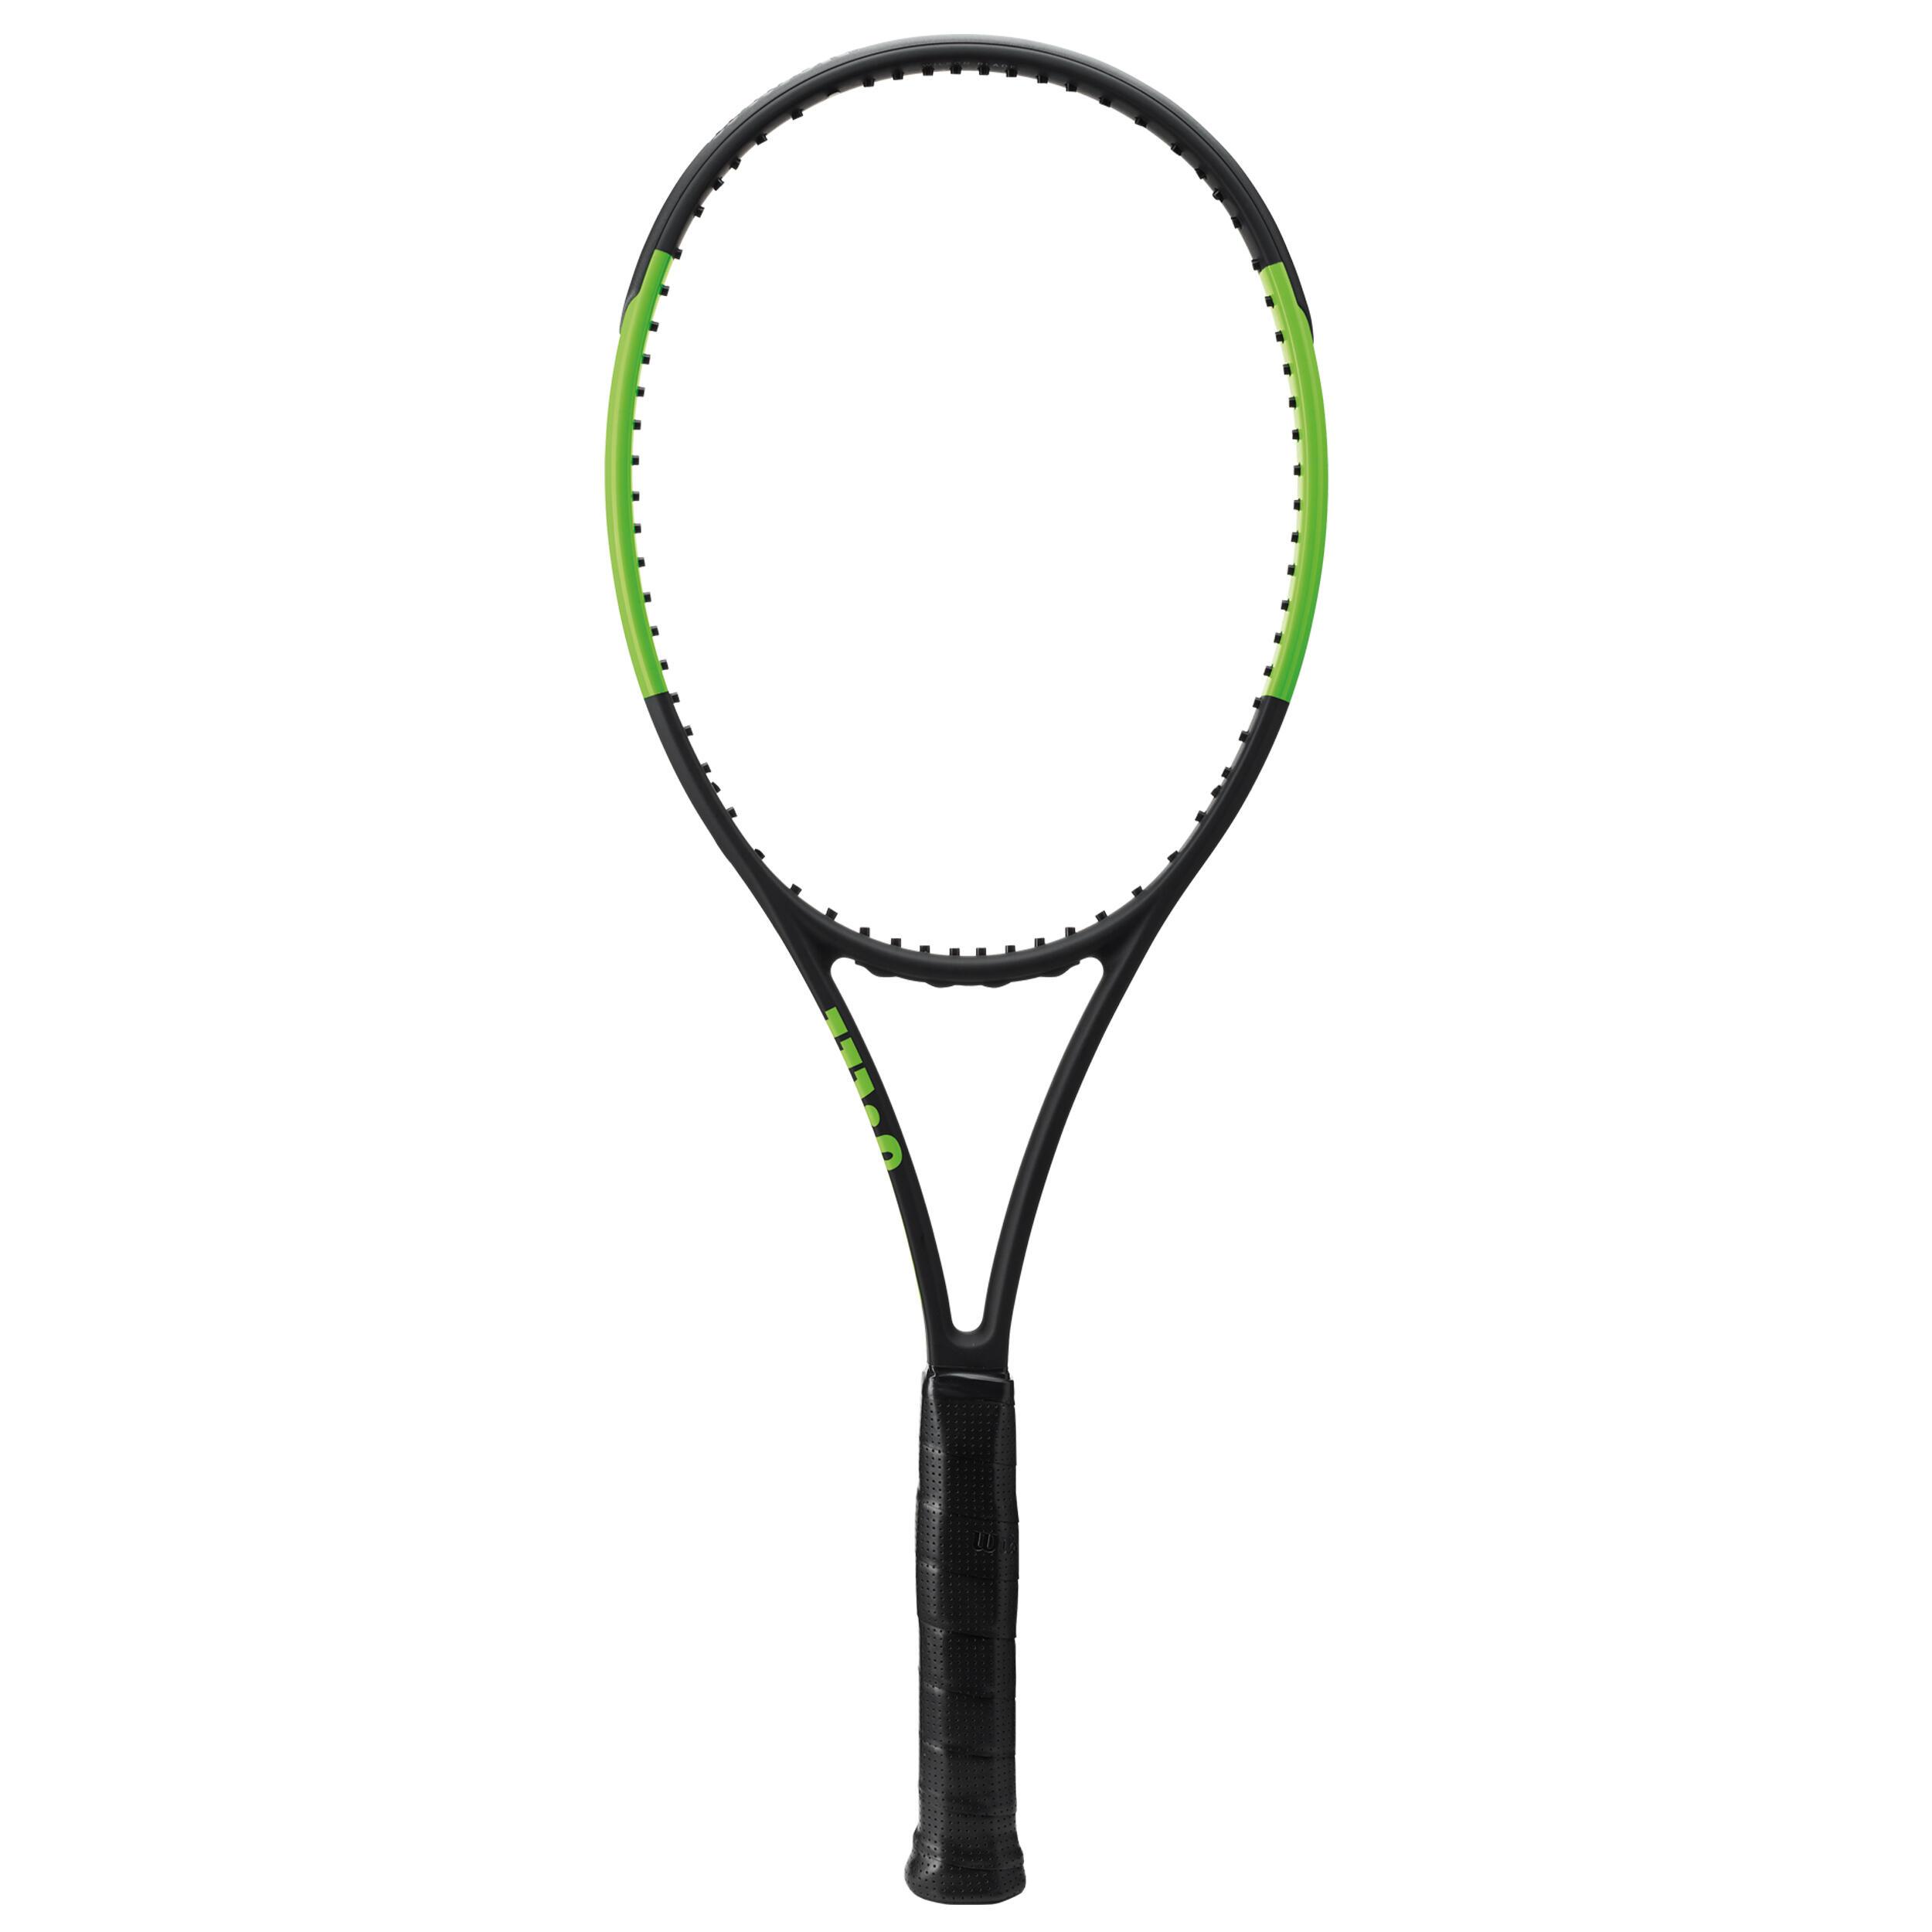 Tennisrackets kopen met voordeel